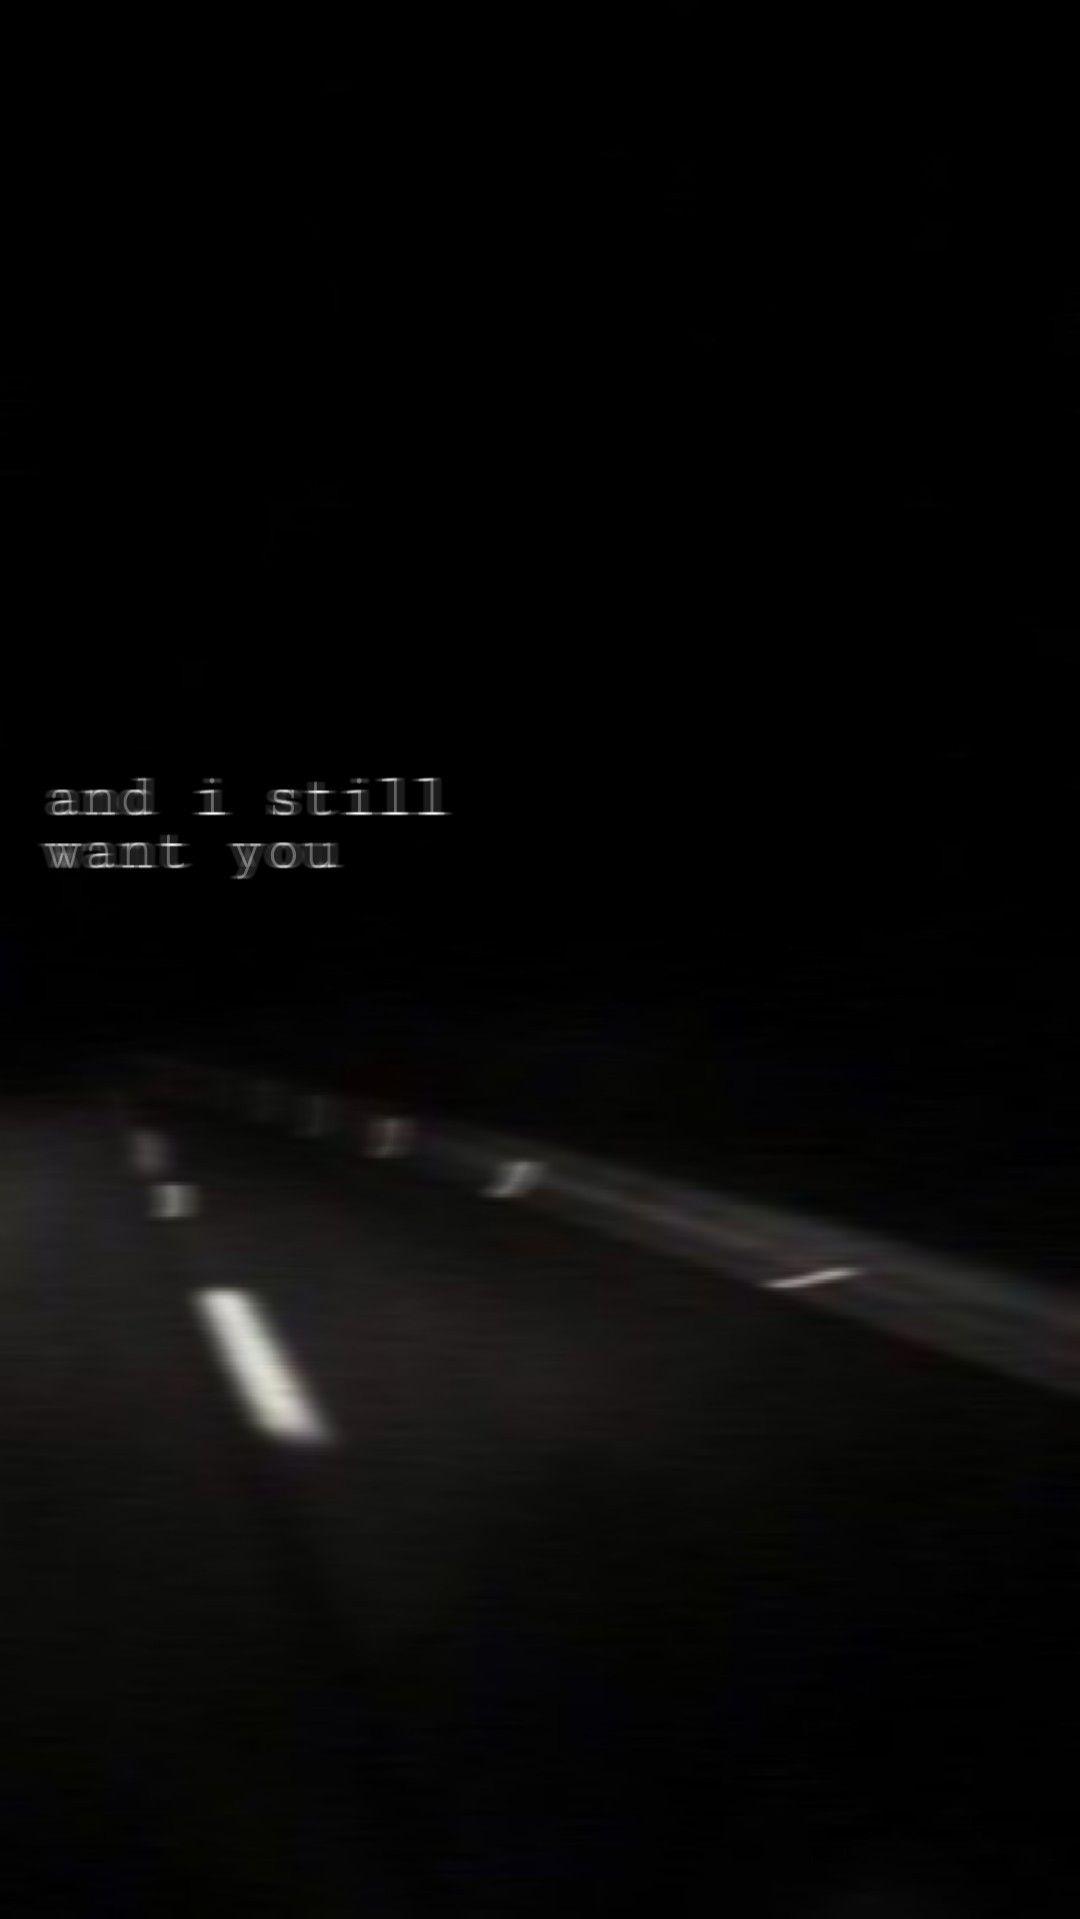 Bts The Truth Untold Lycris Bts Wallpaper Lyrics Bts Lyric Bts